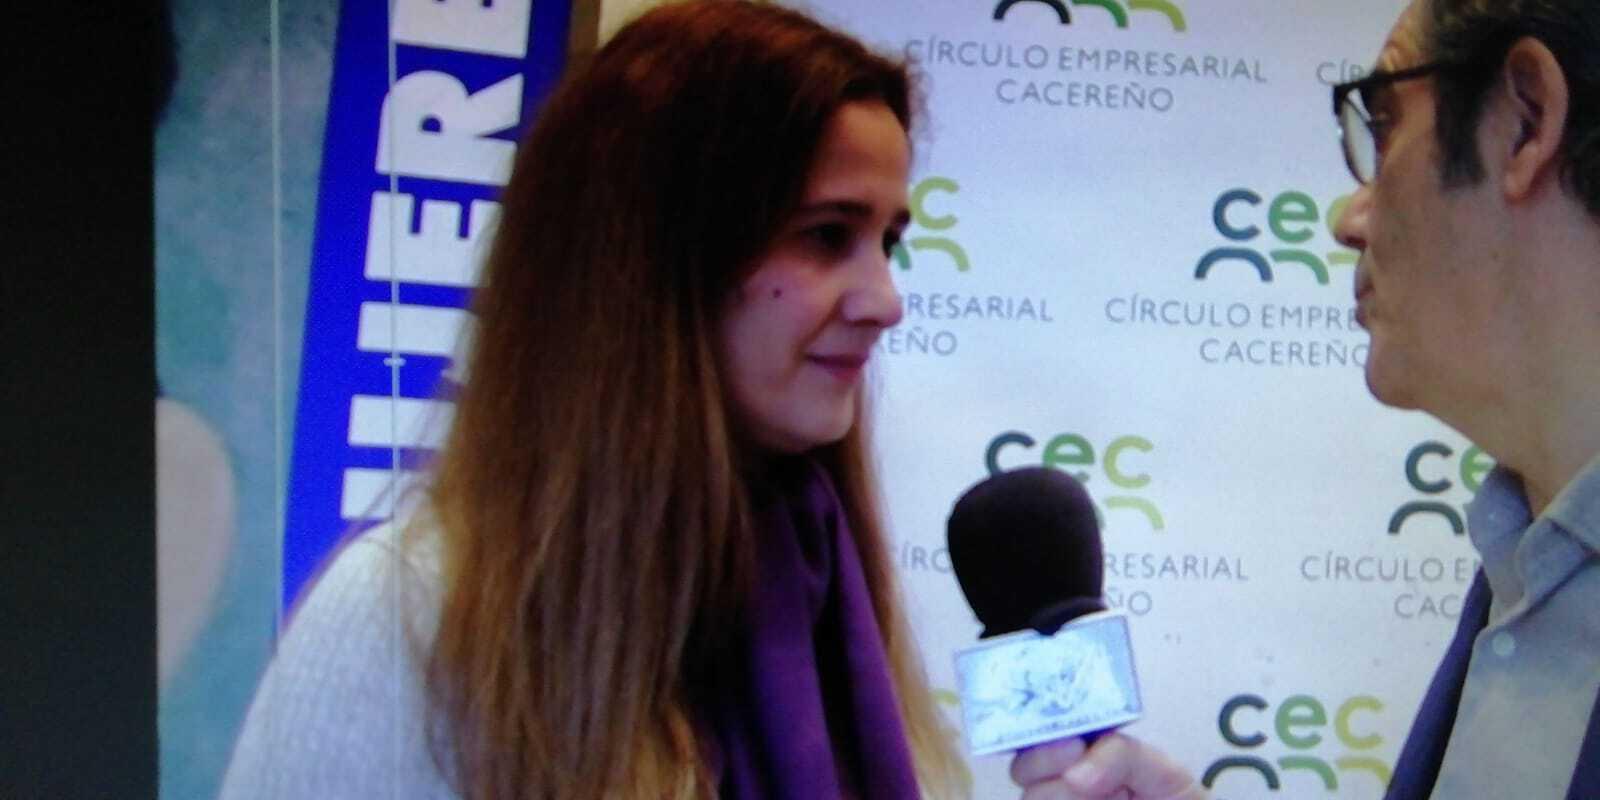 Convenio Fundación Mujeres-Círculo Empresarial Cacereño para potenciar el valor de la mujer empresaria de Cáceres